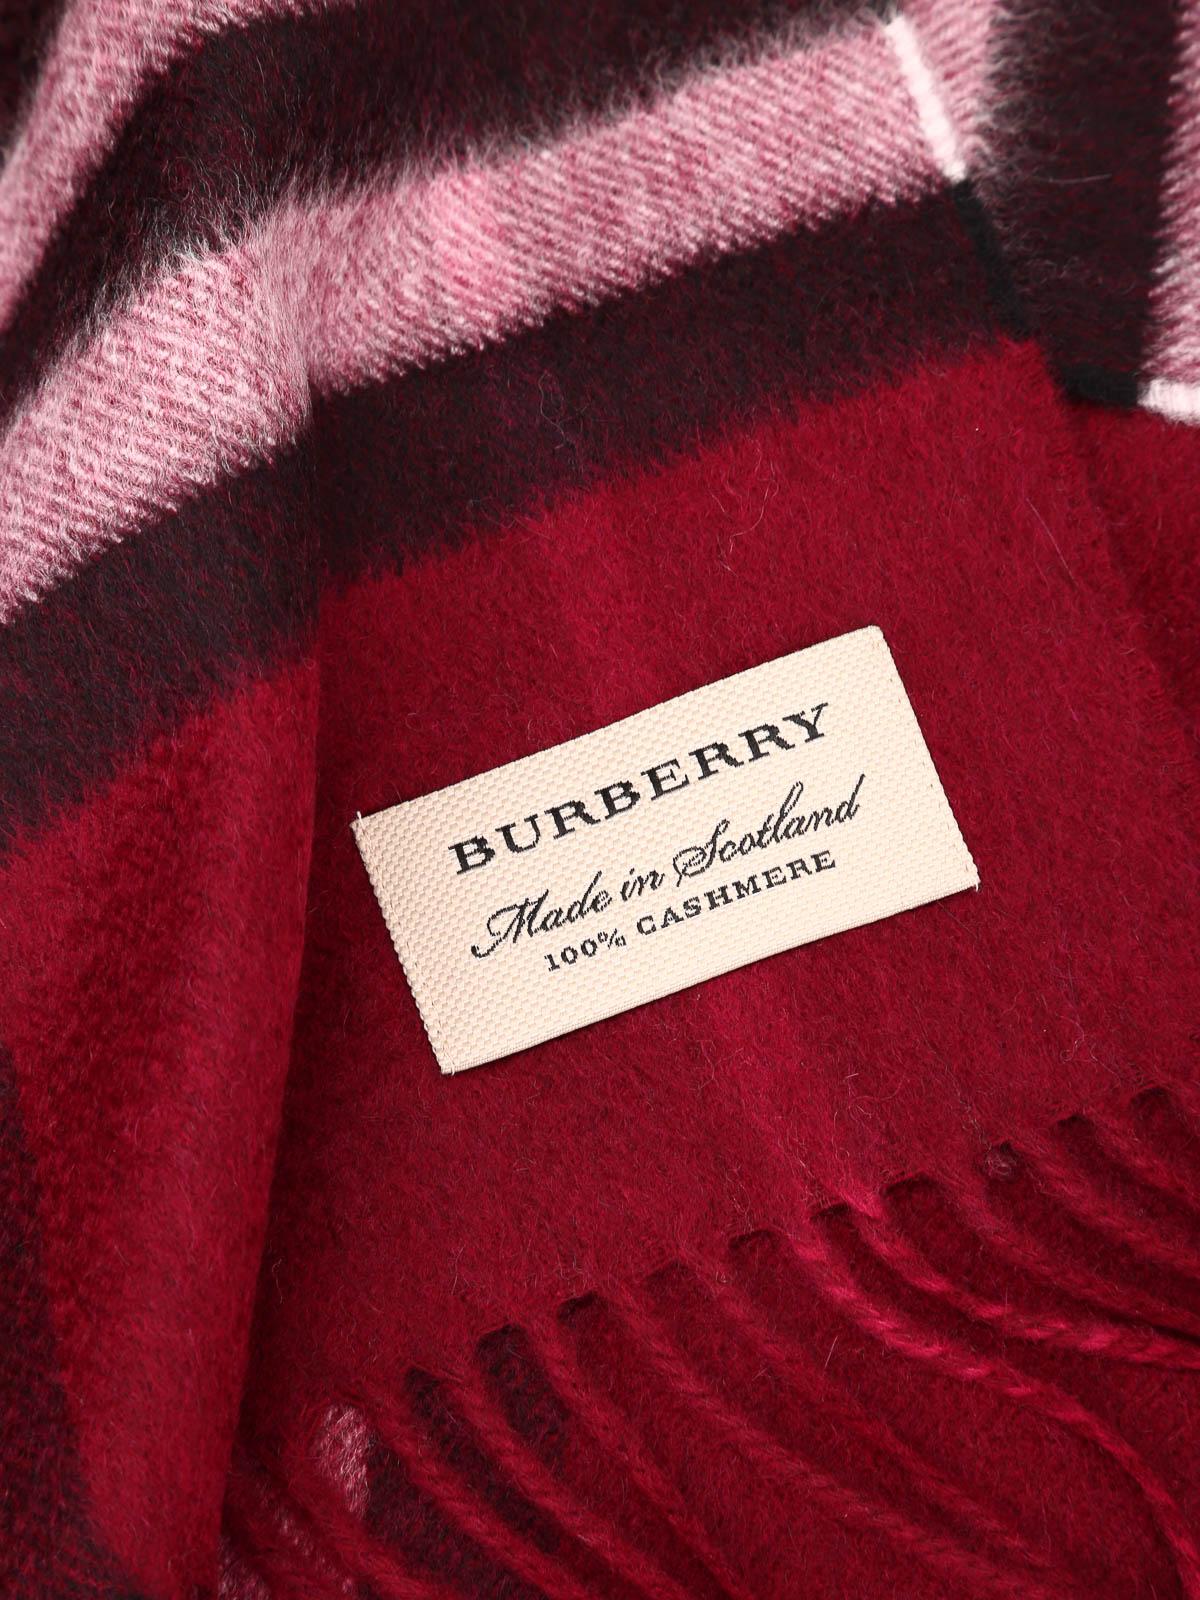 2e6b9643aab2 Burberry - Écharpe Rouge Brun Pour Femme - Écharpes - 3994153